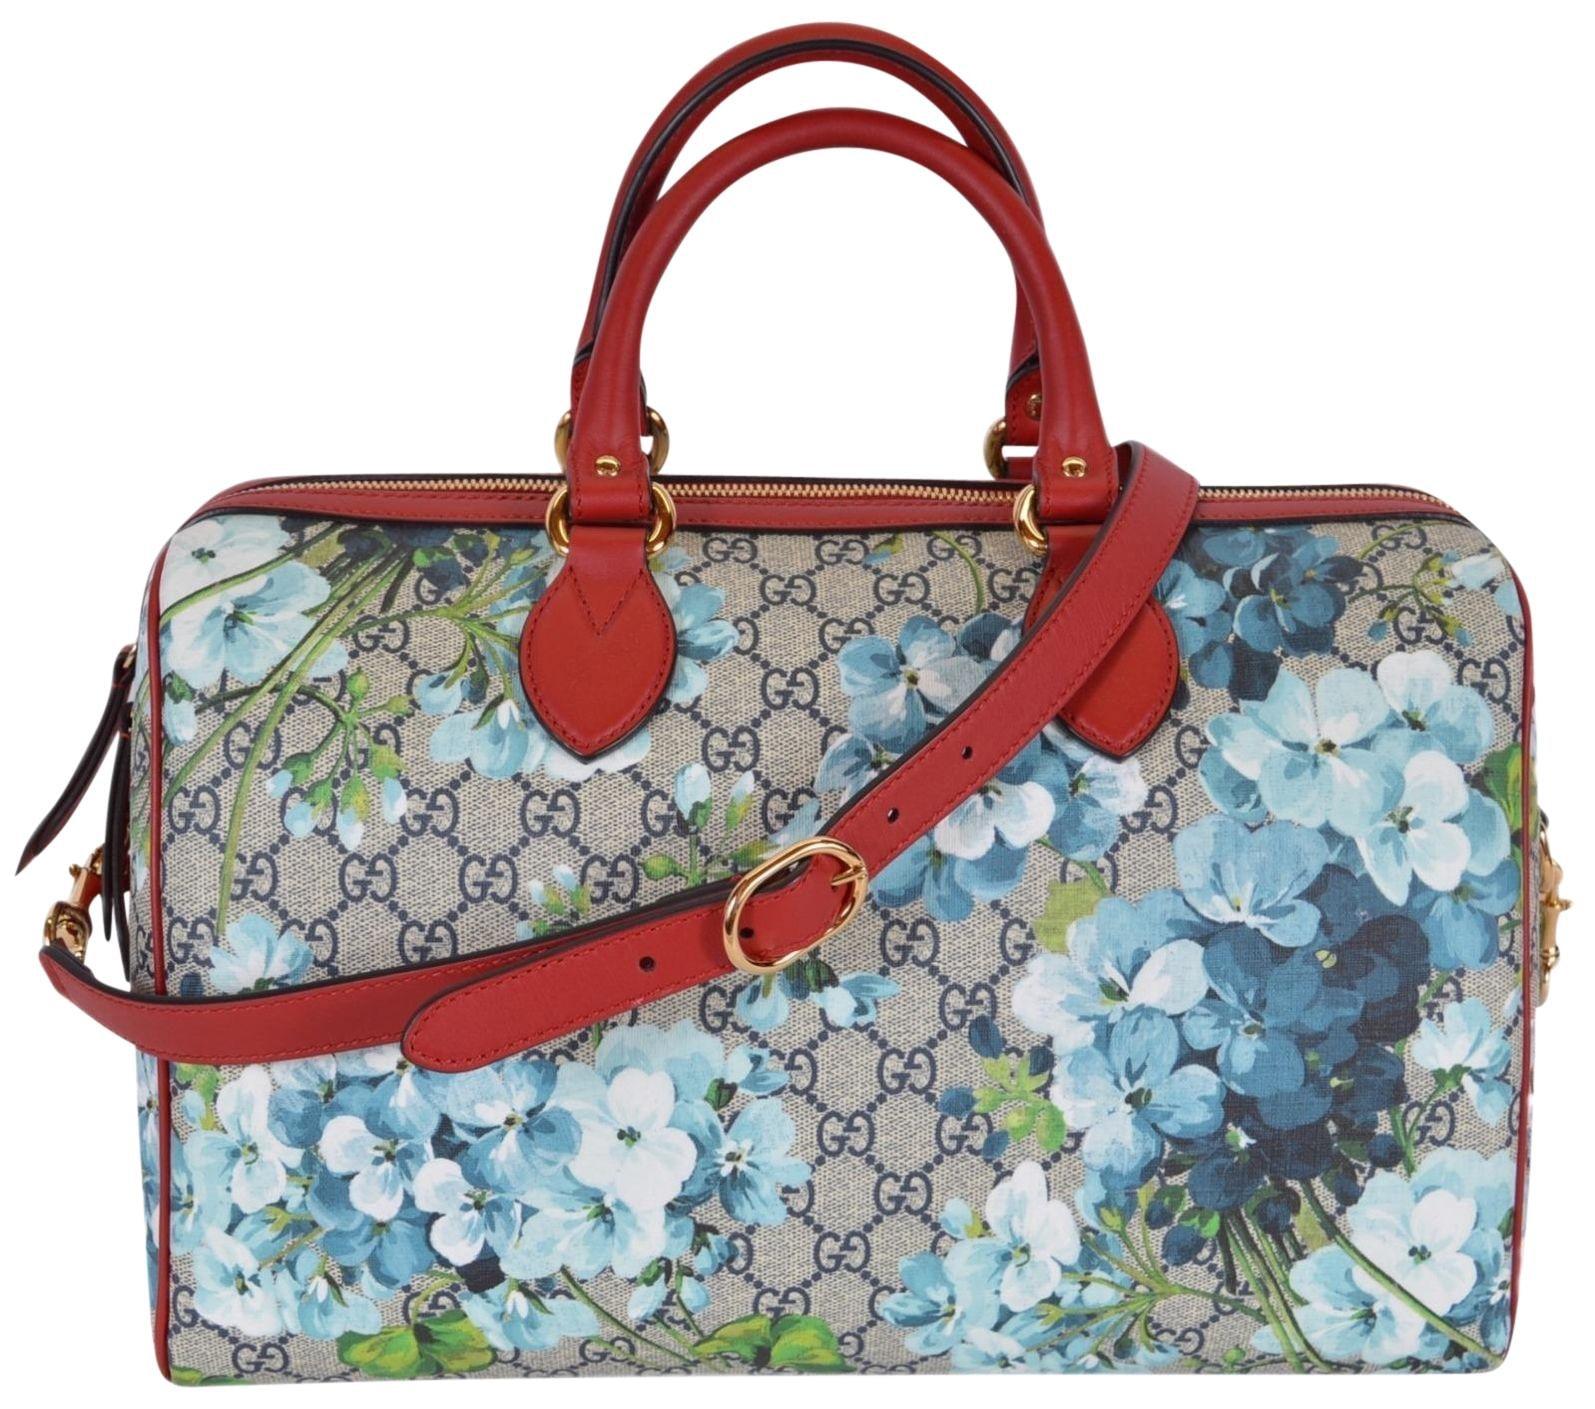 Gucci Top Handle Bag Blue Blooms Medium Beige/Ebony